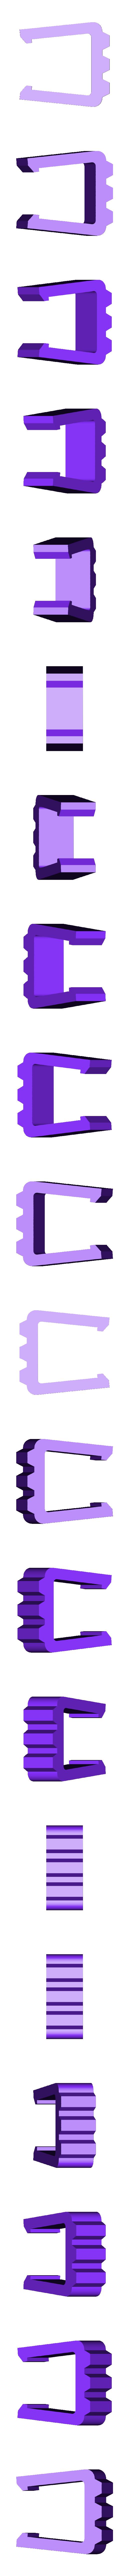 LegT2_Left_09_OliveGreen.stl Download STL file Heavy Gun Walker • 3D print design, Jwoong